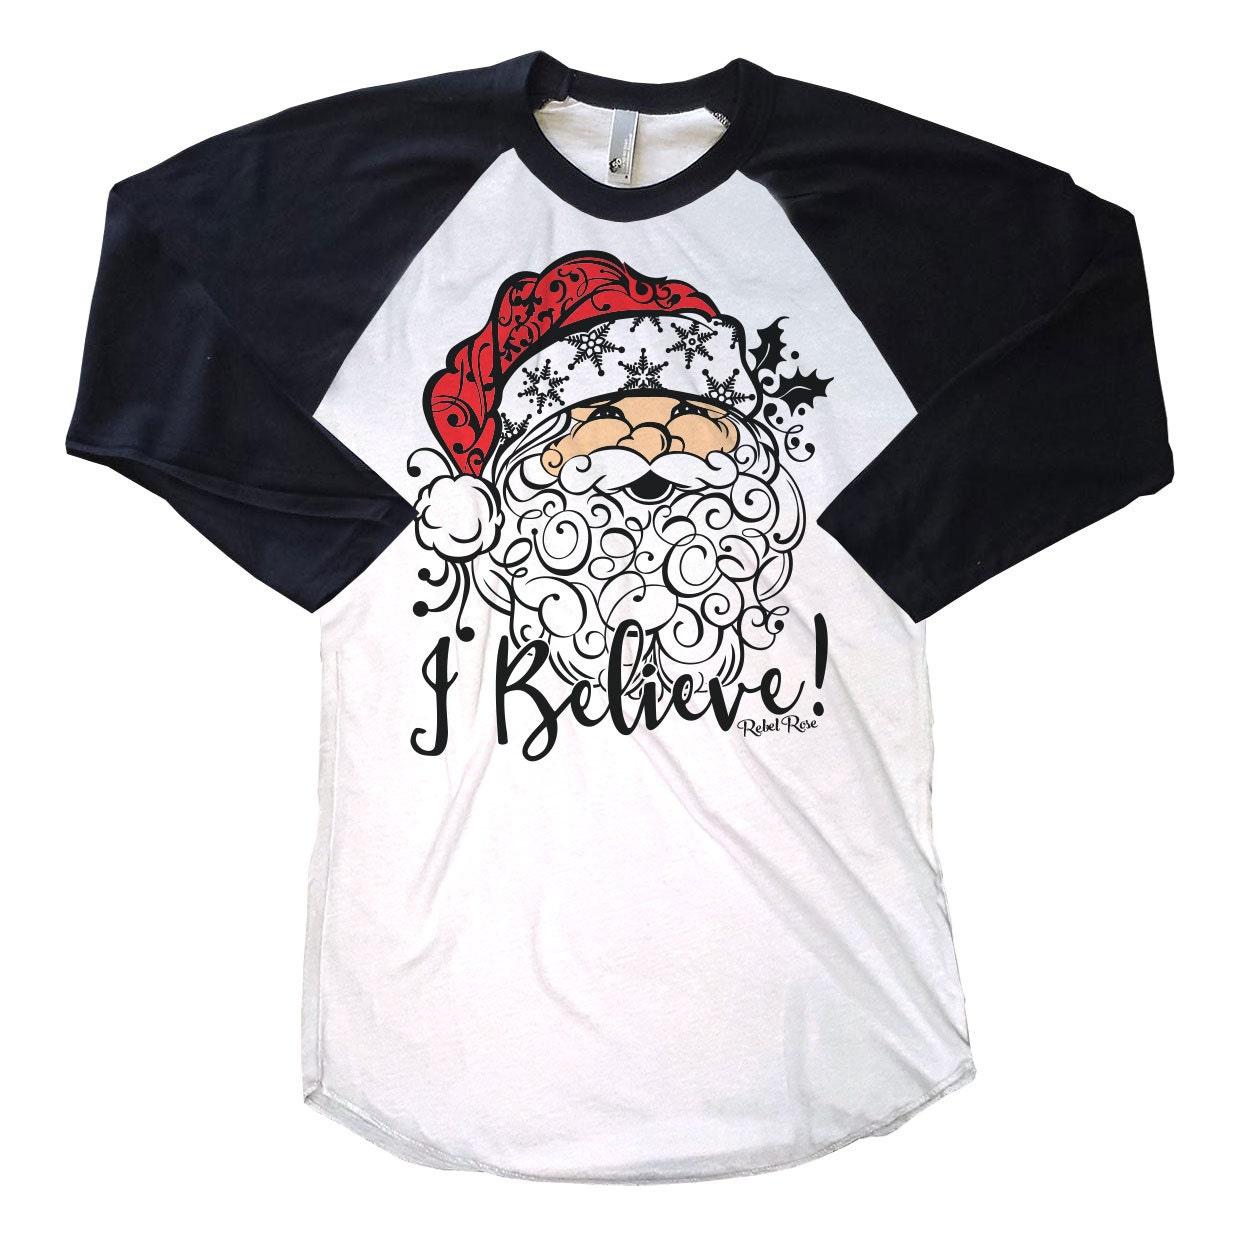 Christmas Shirts Womenu0026#39;s Christmas Shirts I Belive